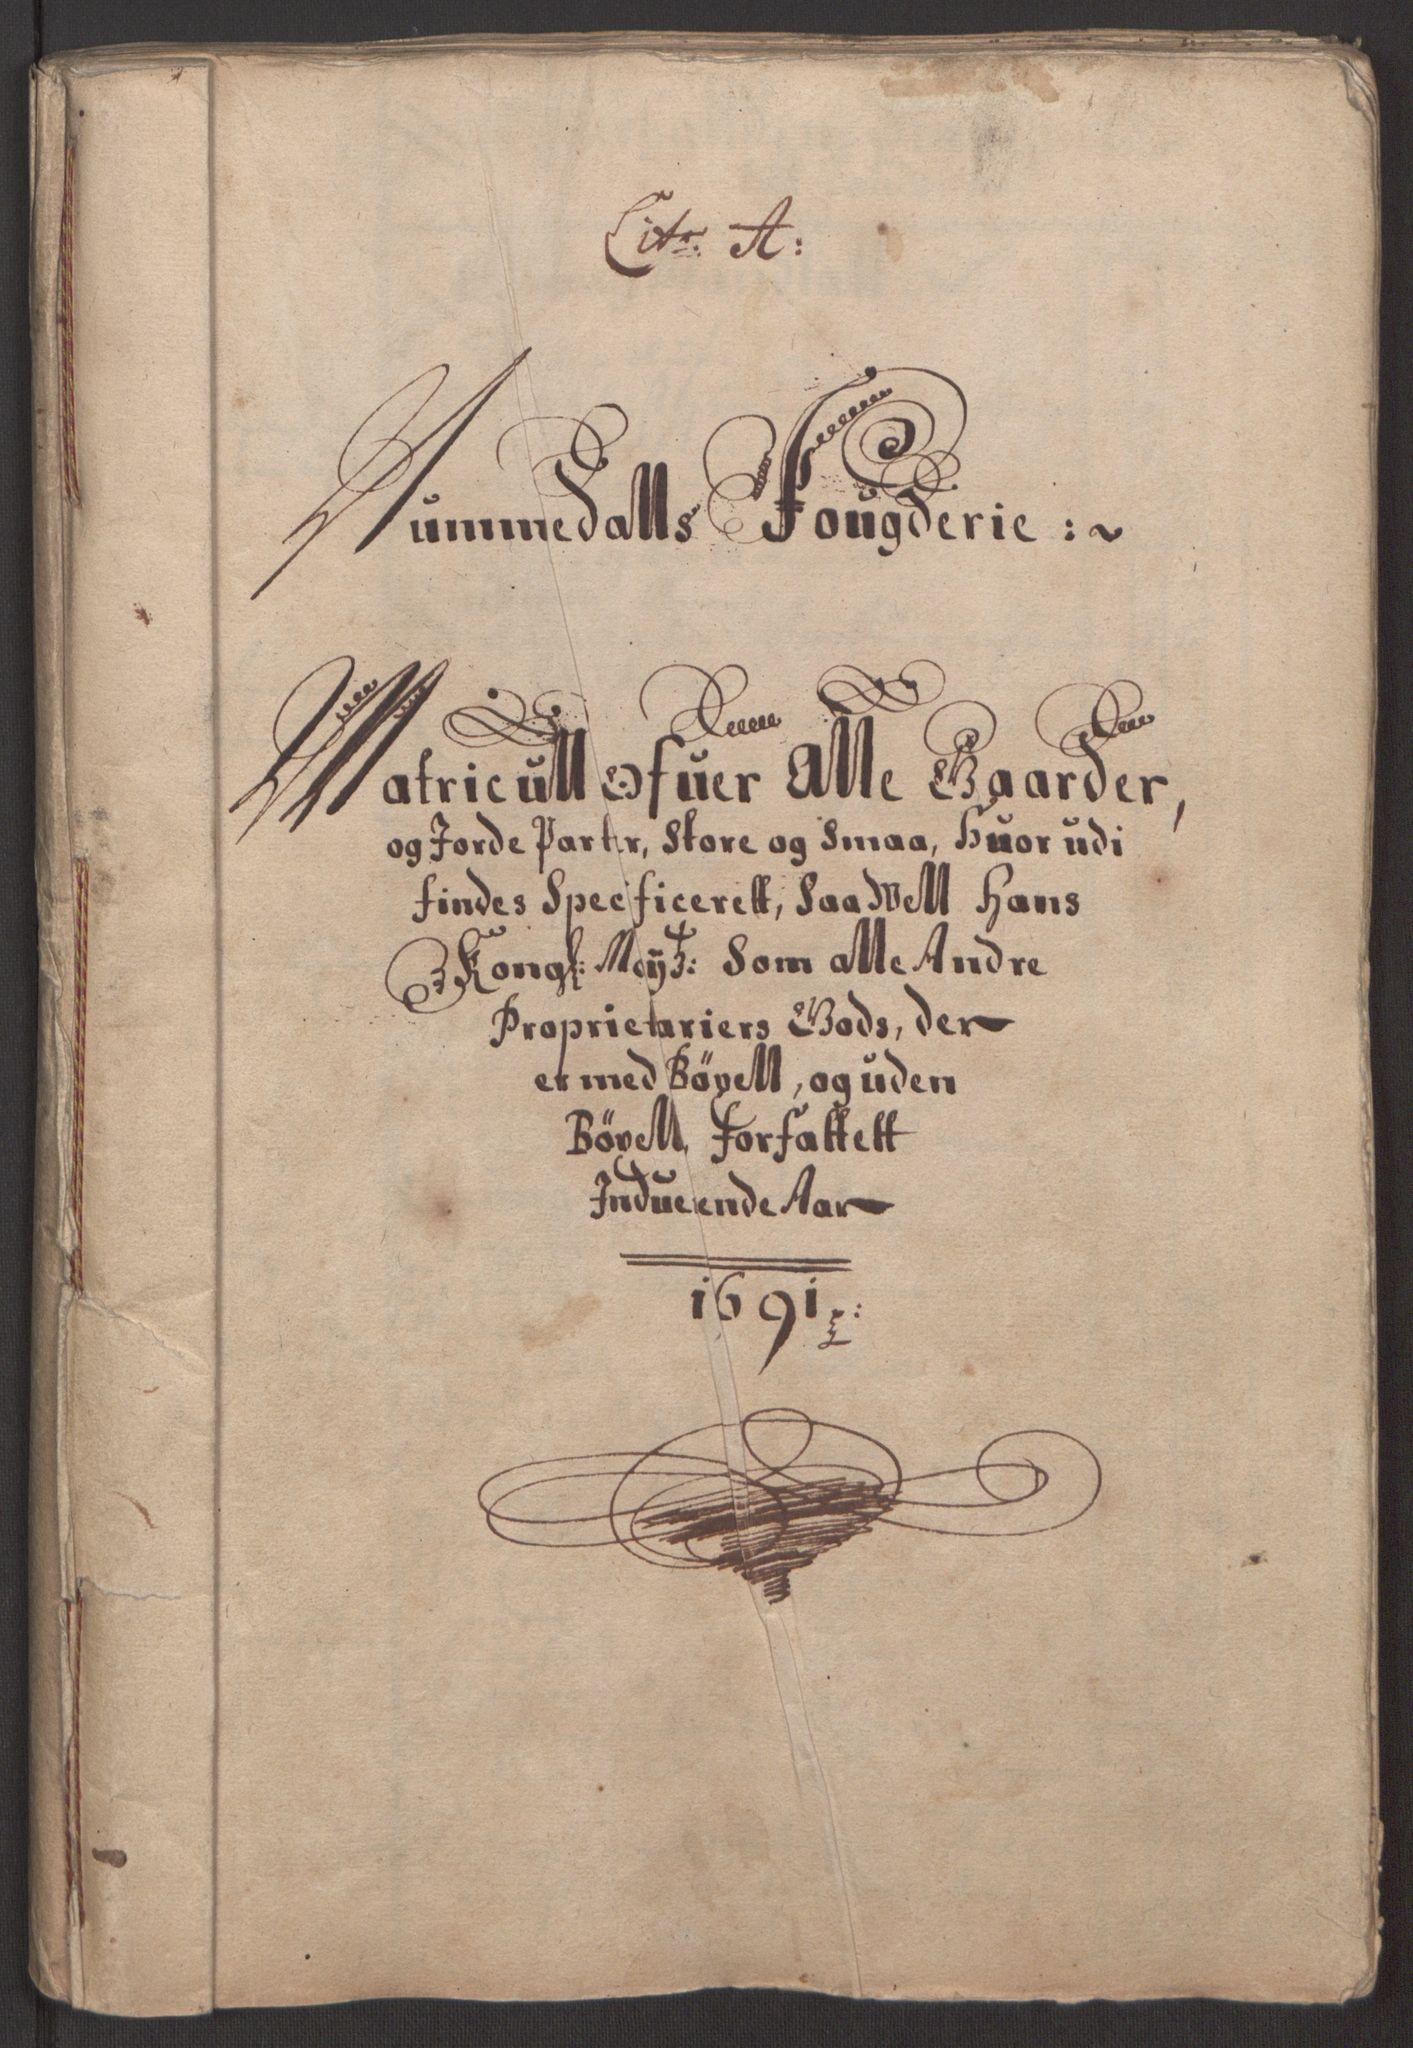 RA, Rentekammeret inntil 1814, Reviderte regnskaper, Fogderegnskap, R64/L4423: Fogderegnskap Namdal, 1690-1691, s. 140